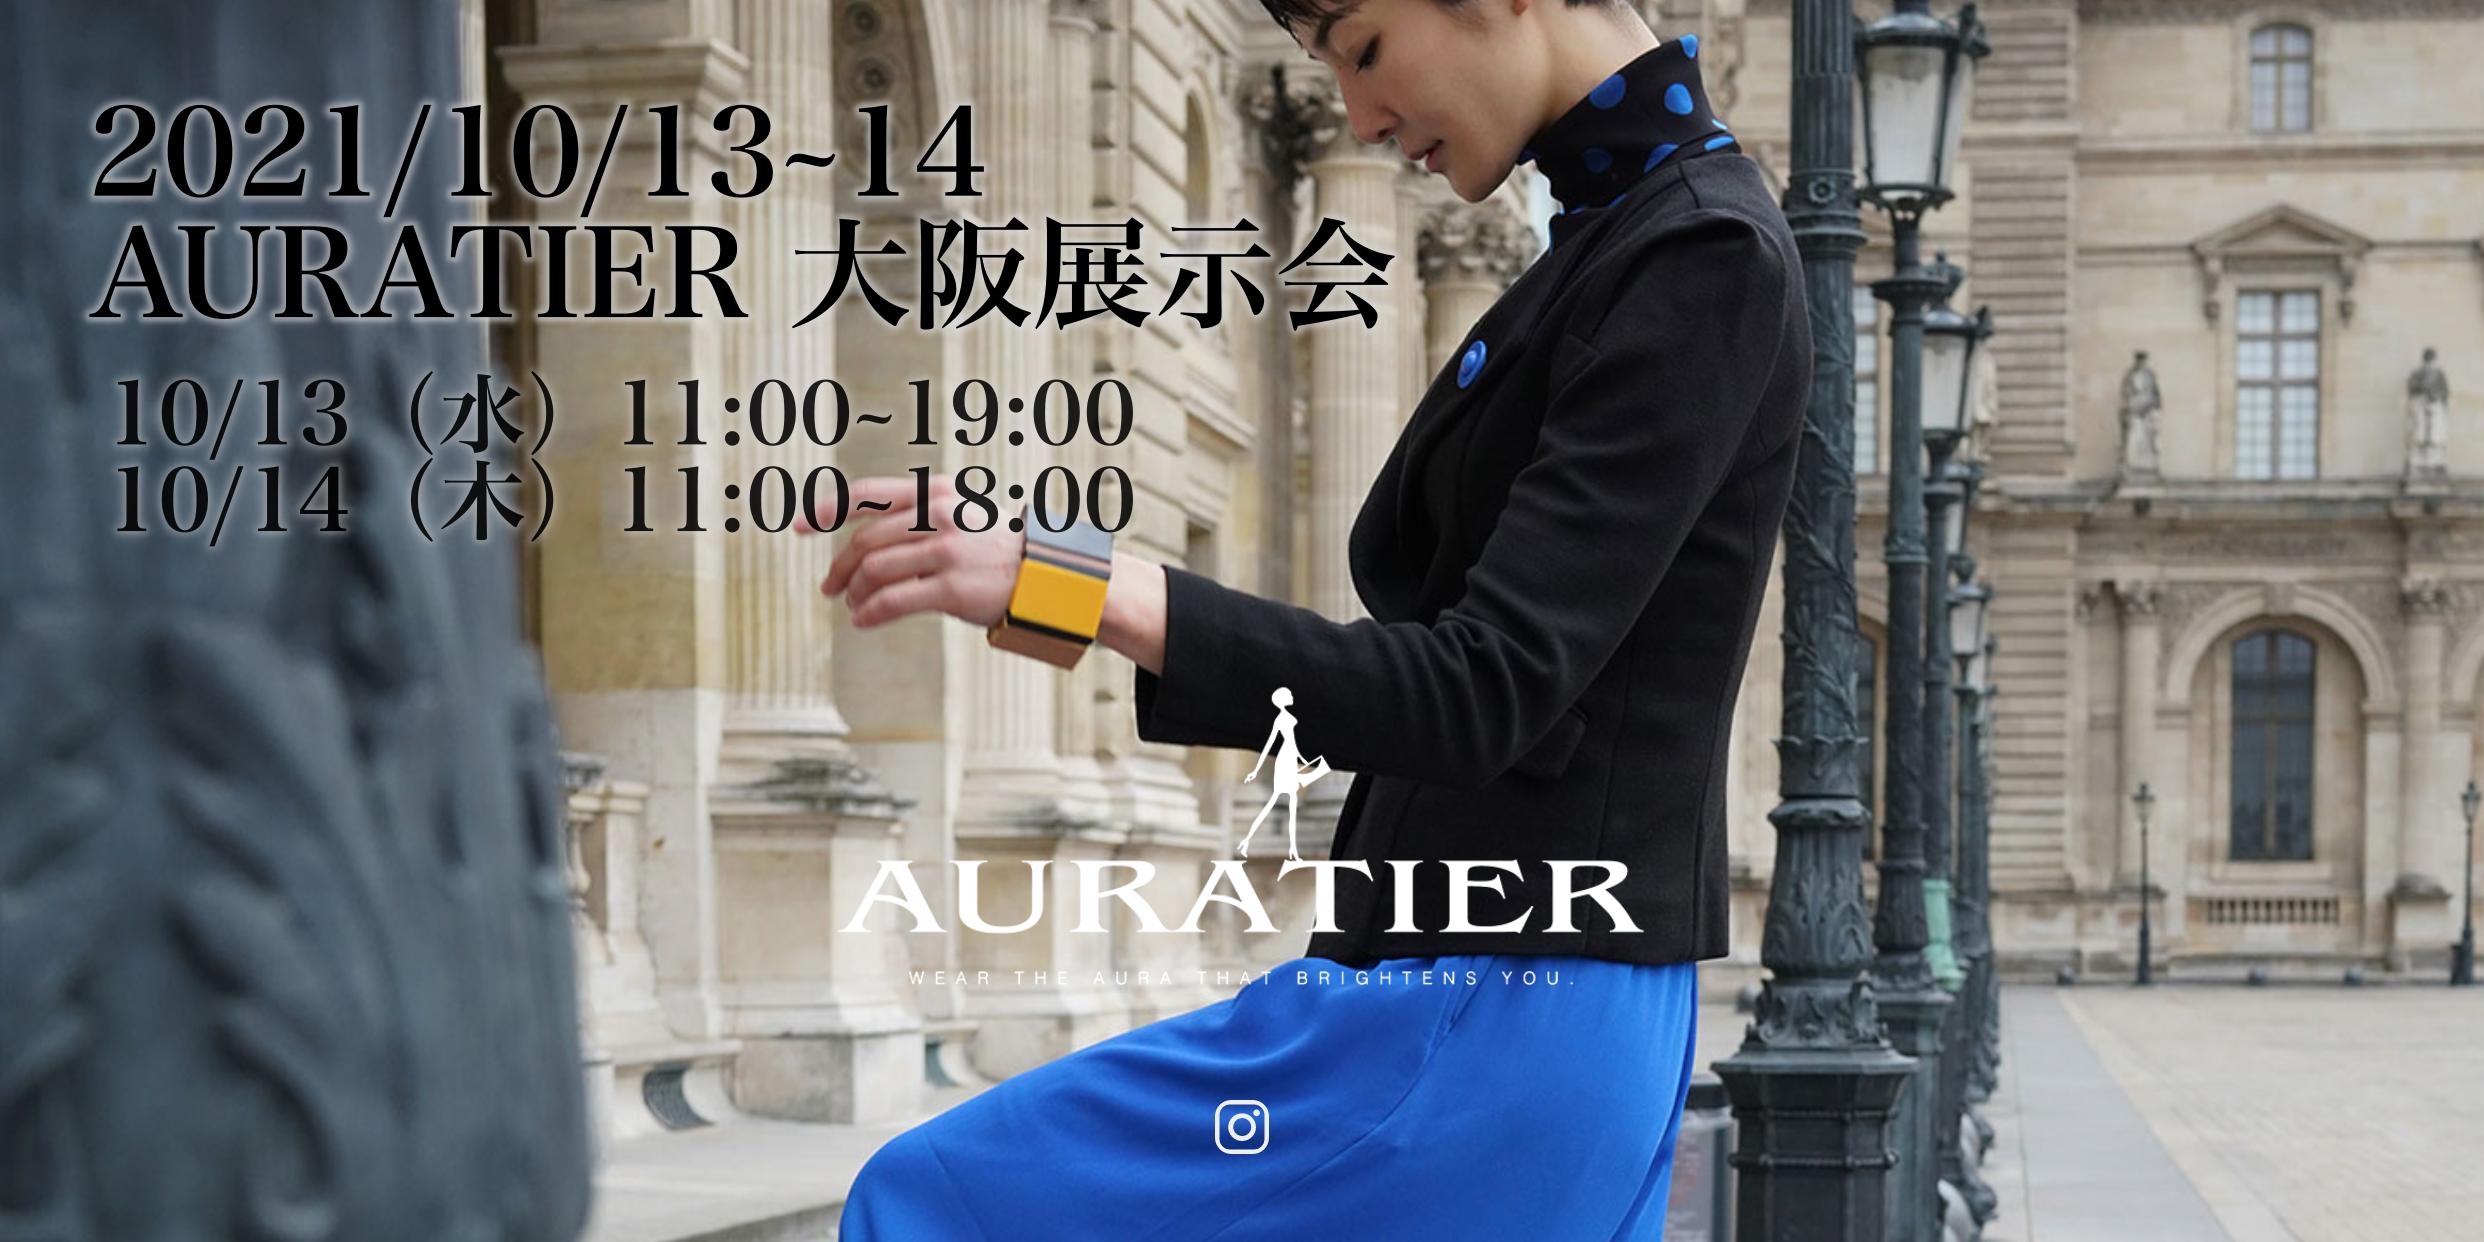 2021年10月13日-14日 AURATIER大阪展示会